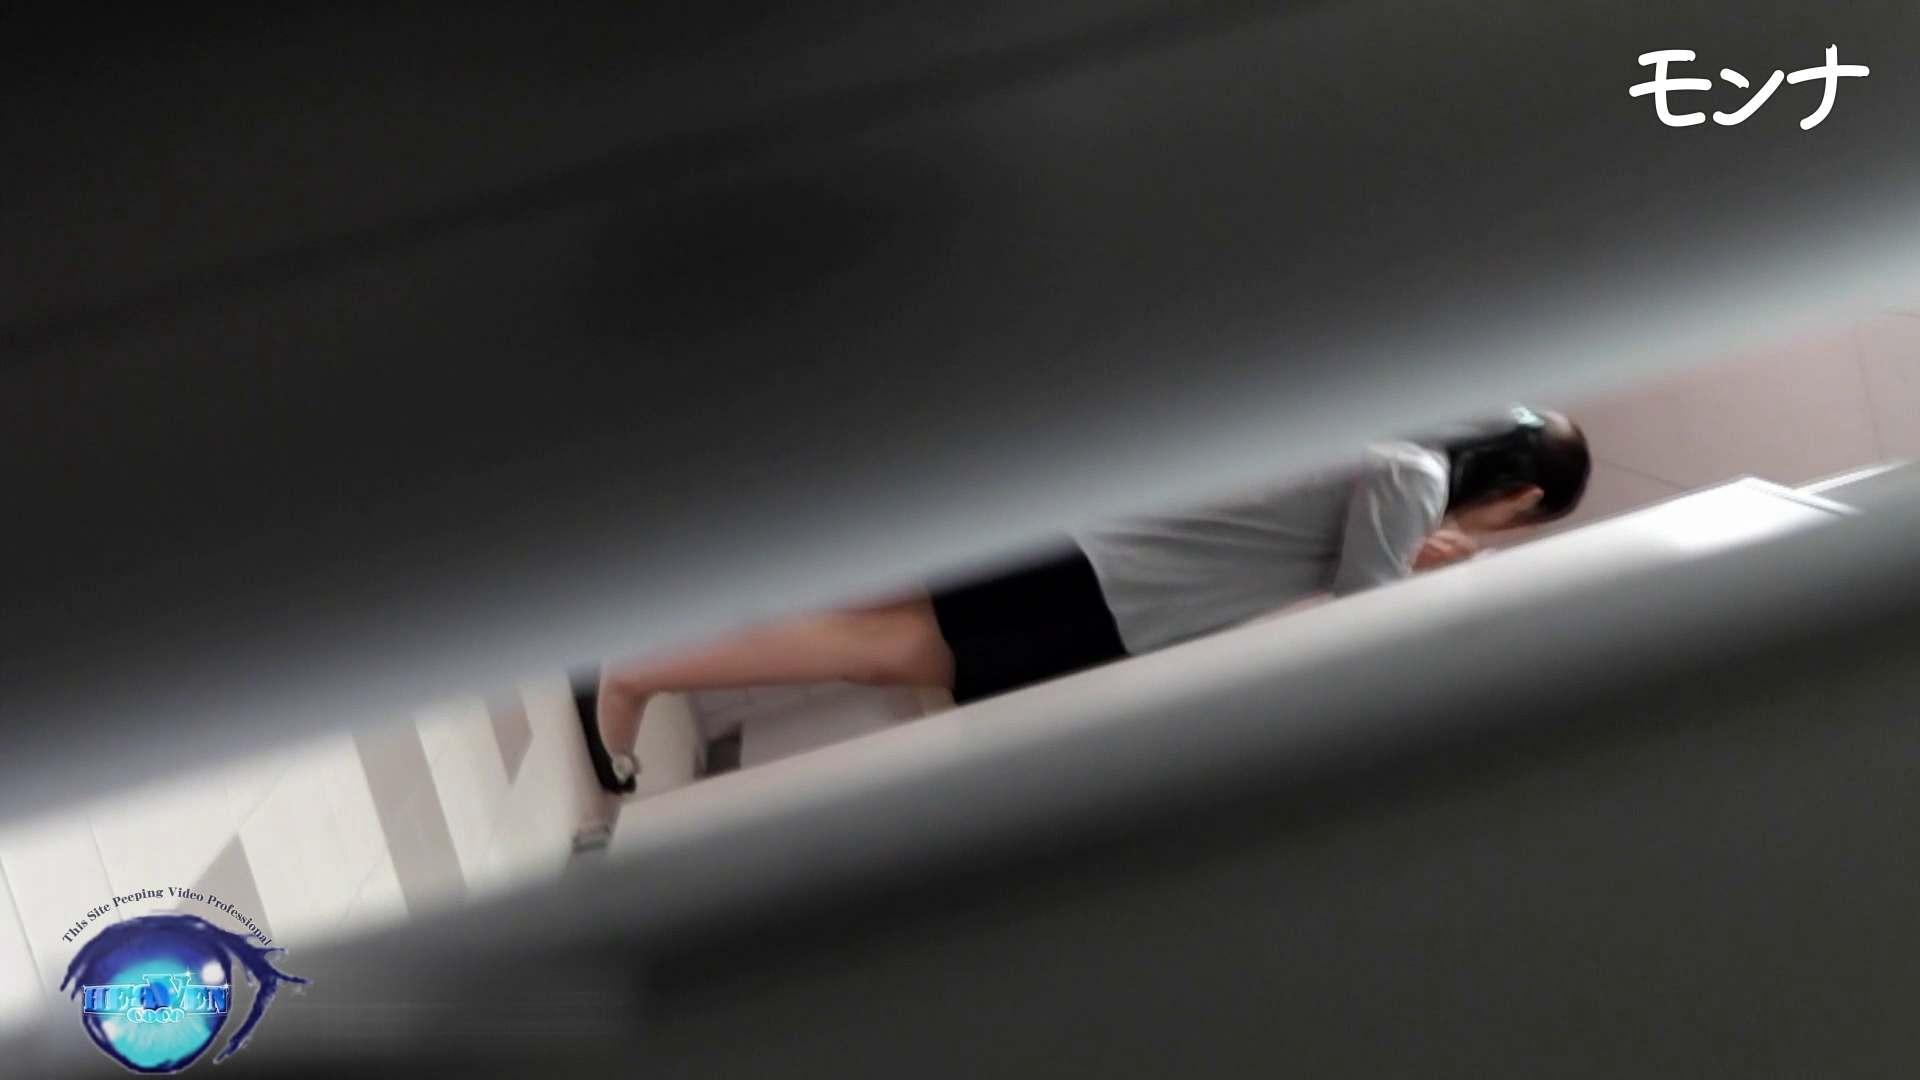 【美しい日本の未来】美しい日本の未来 No.87前編 お尻  54pic 15